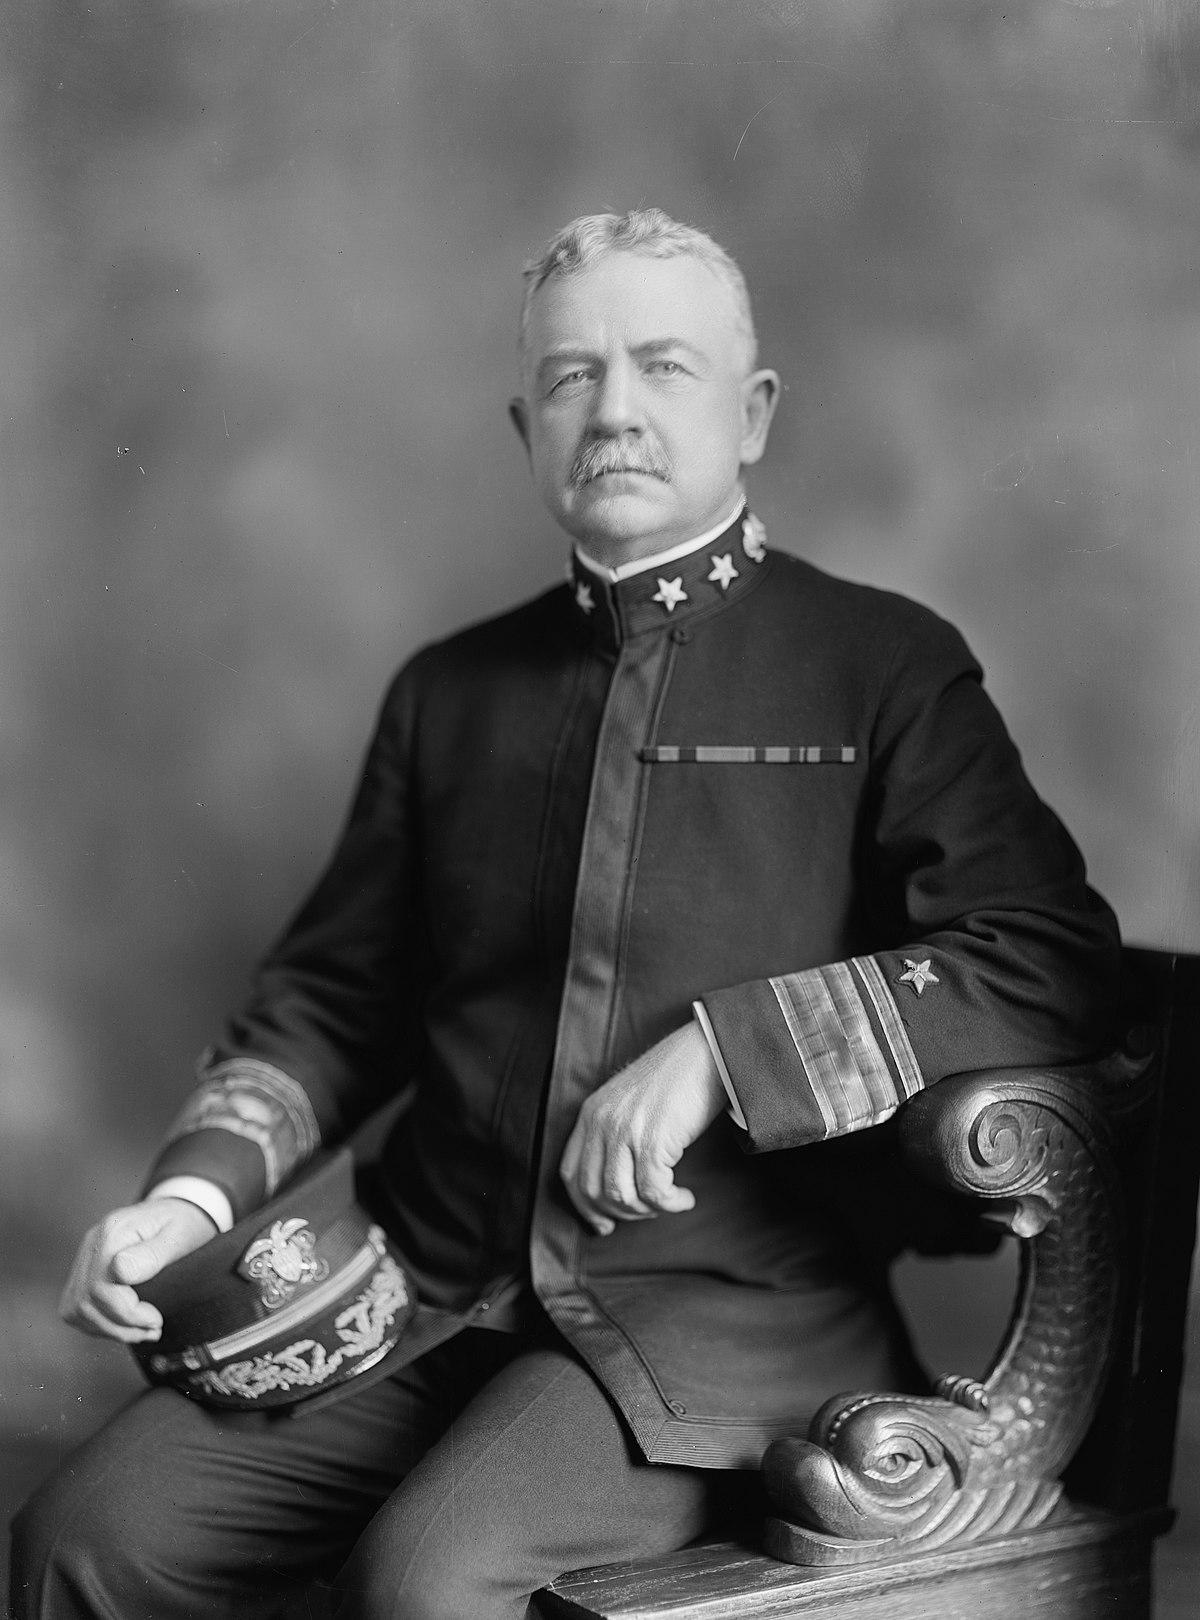 Thomas Washington